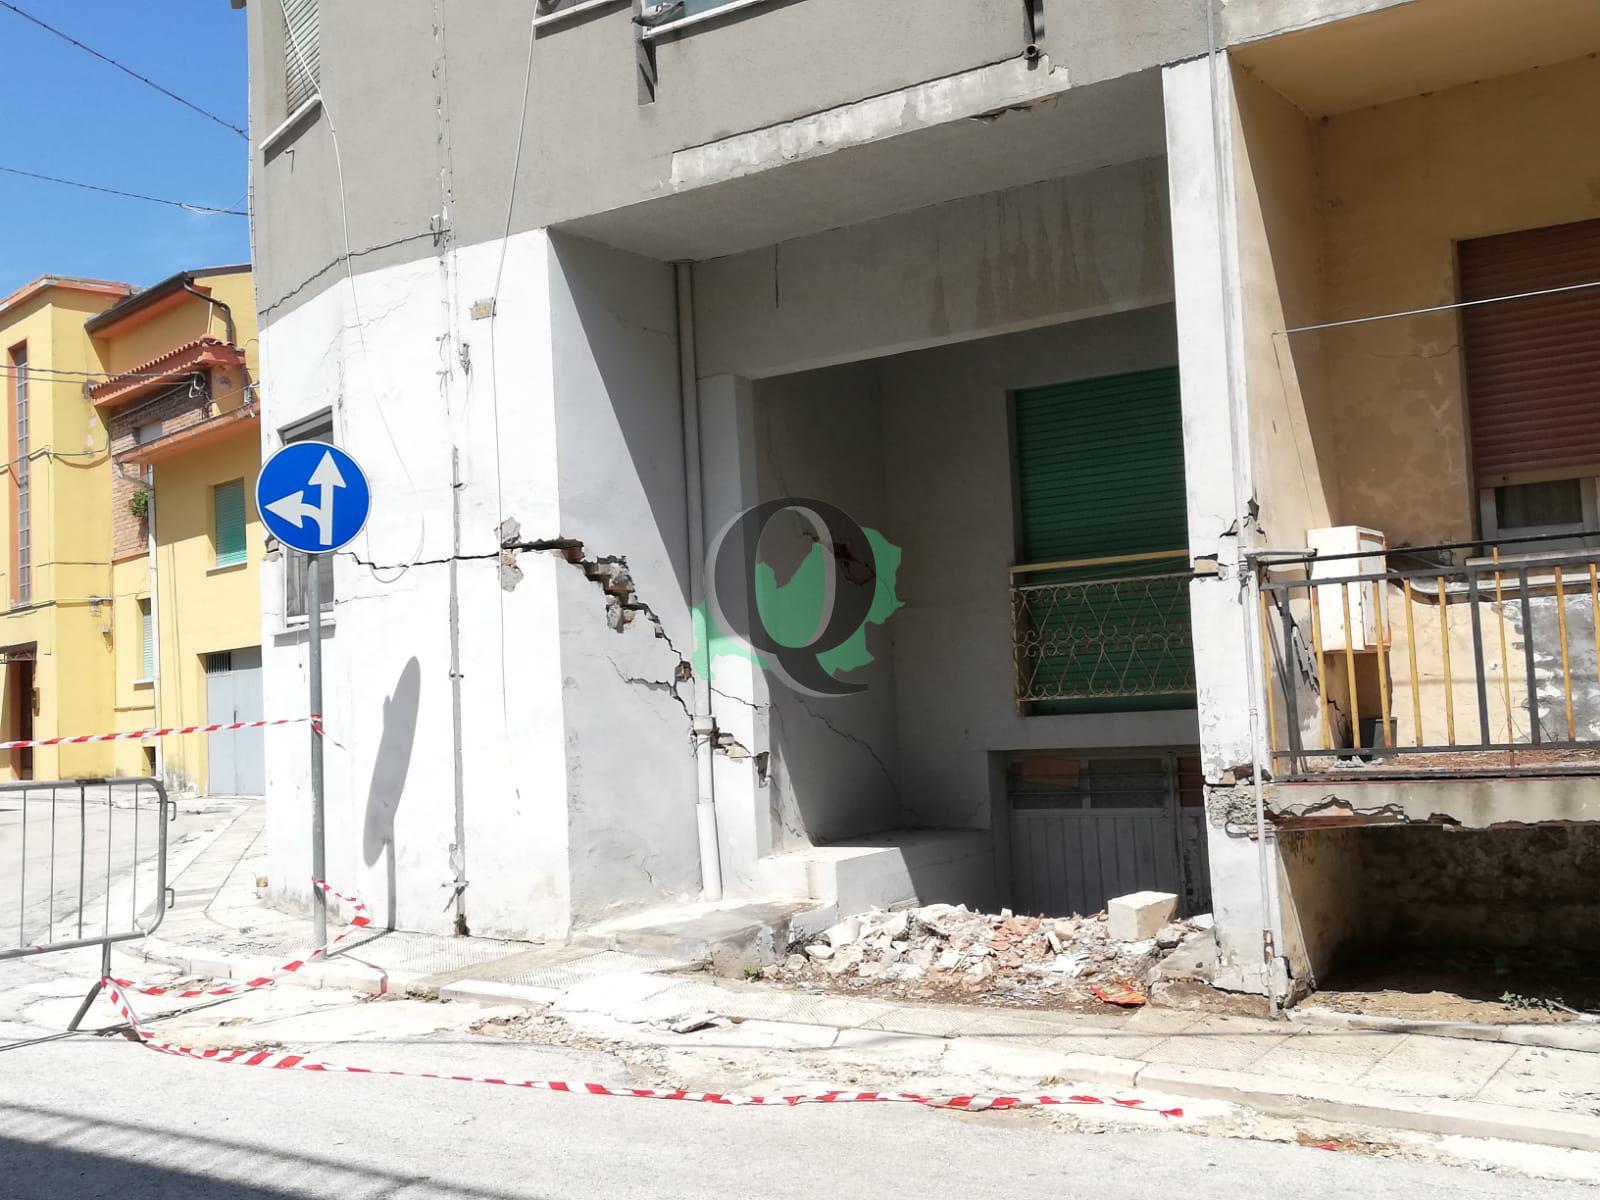 Sisma, crolli a Guglionesi: allestita tendopoli. Intervista al sindaco Mario Bellotti